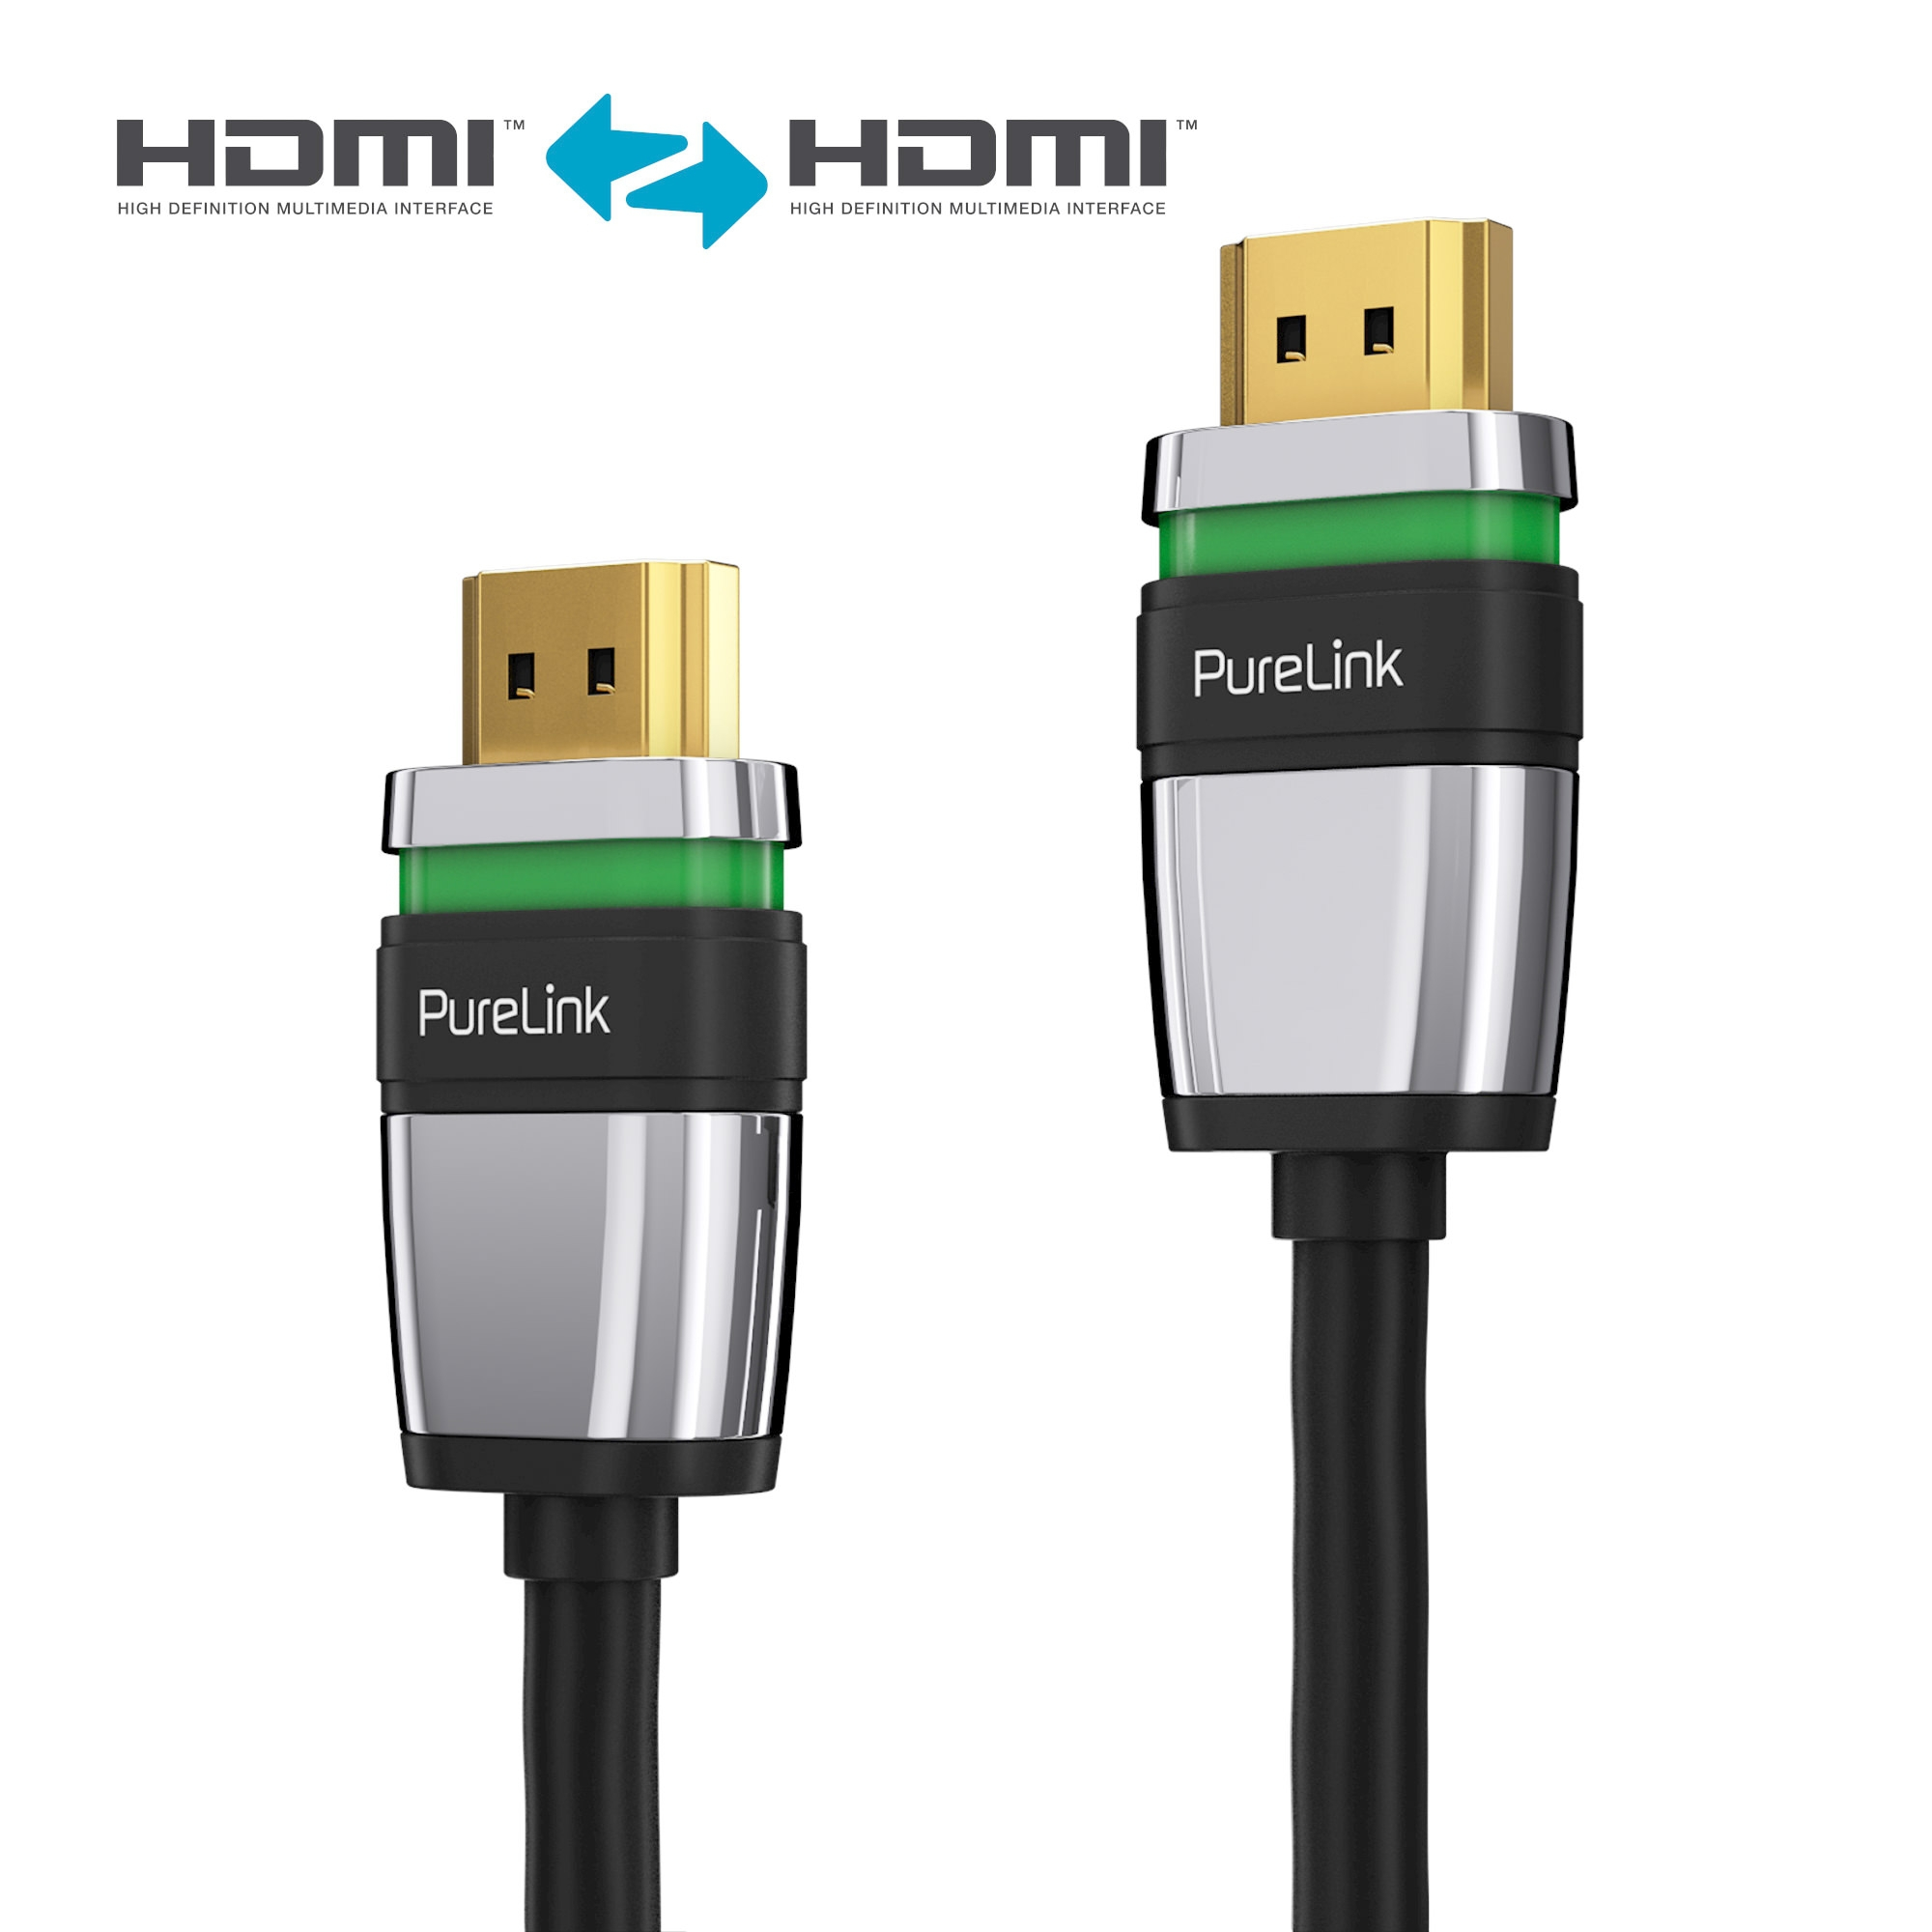 HDMI Kabel Ultimate Active Serie 5 00m schwarz HDMI Kabel HDMI Anschlusskabel eAV Deutschland AV Distribution